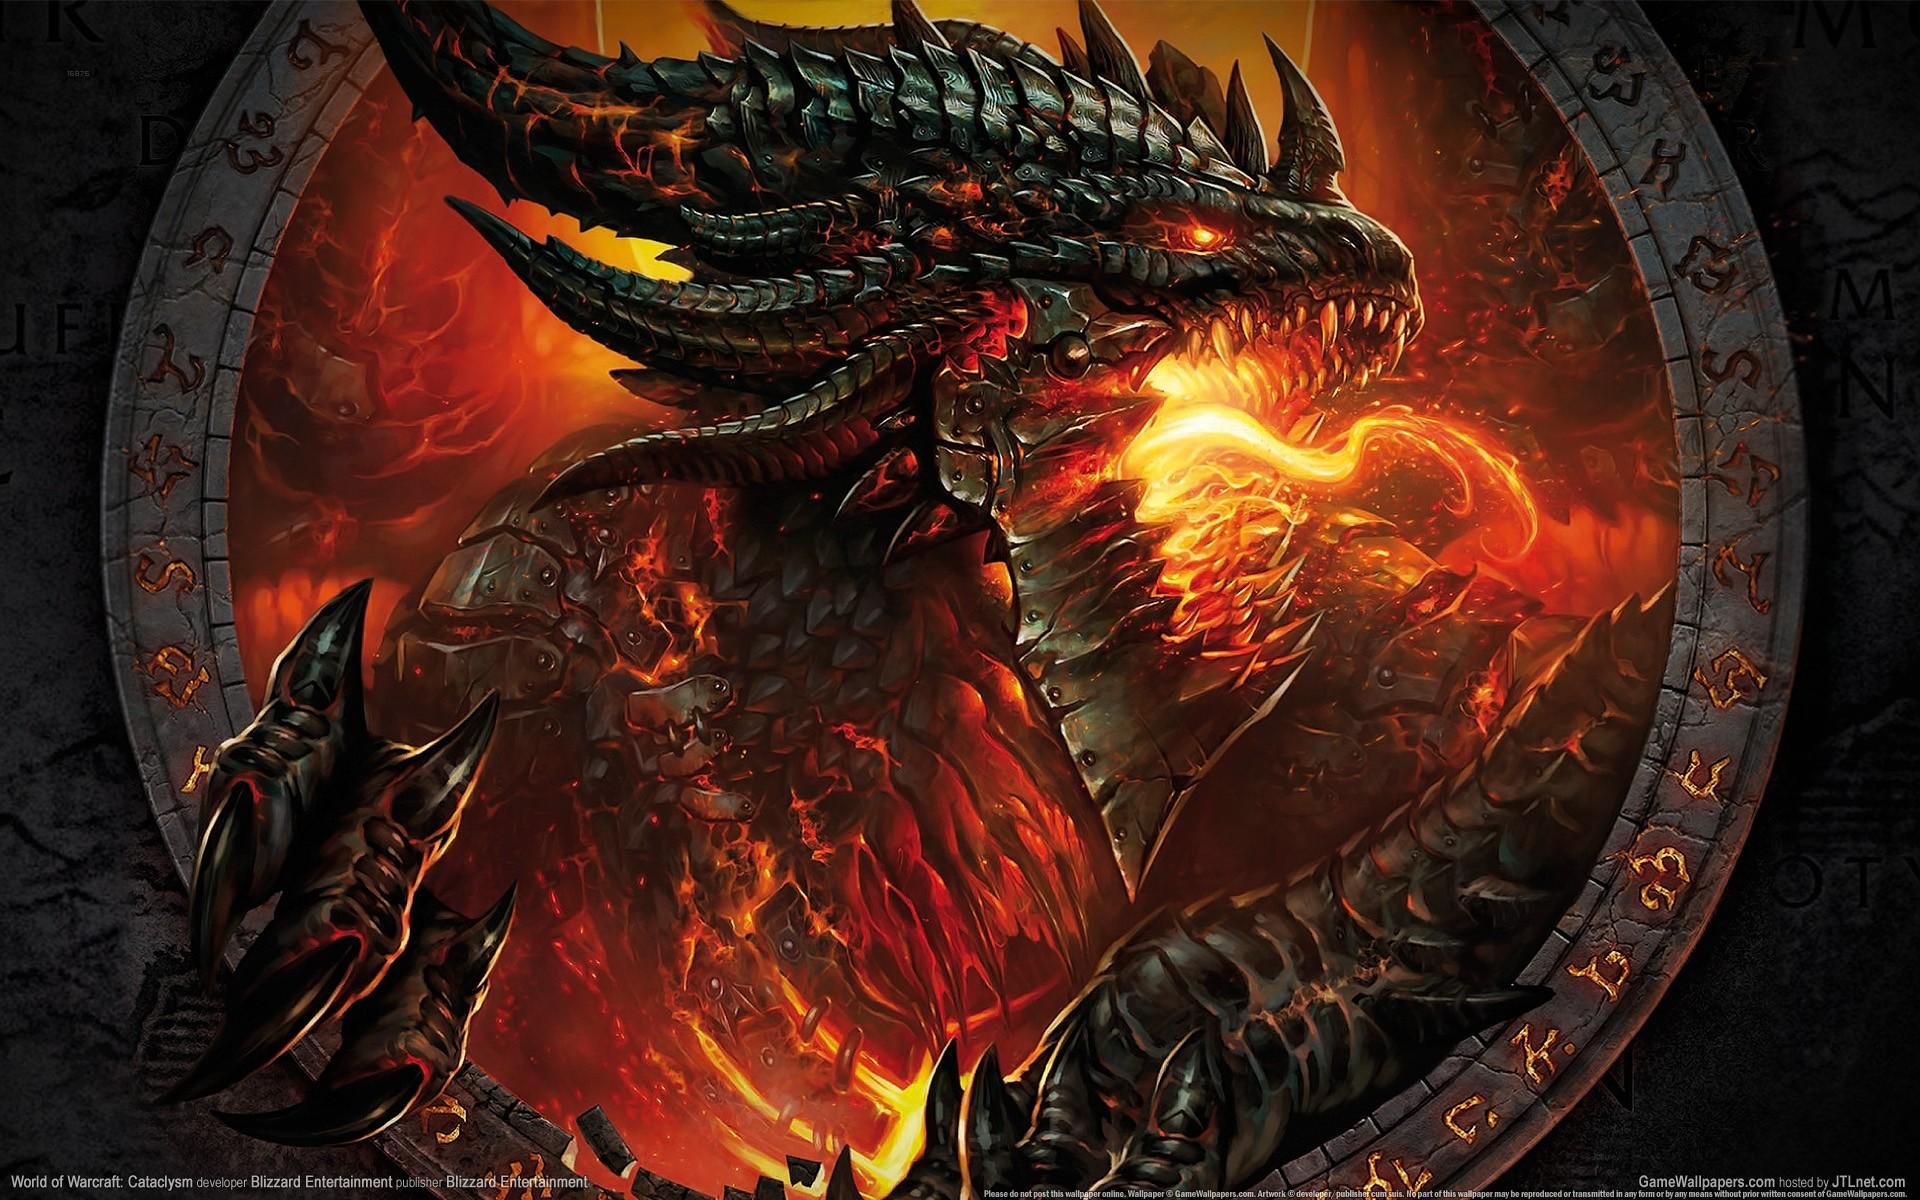 Res: 1920x1200, Dragon Pictures Wallpaper (Noel Lukens), ModaFinilsale.com